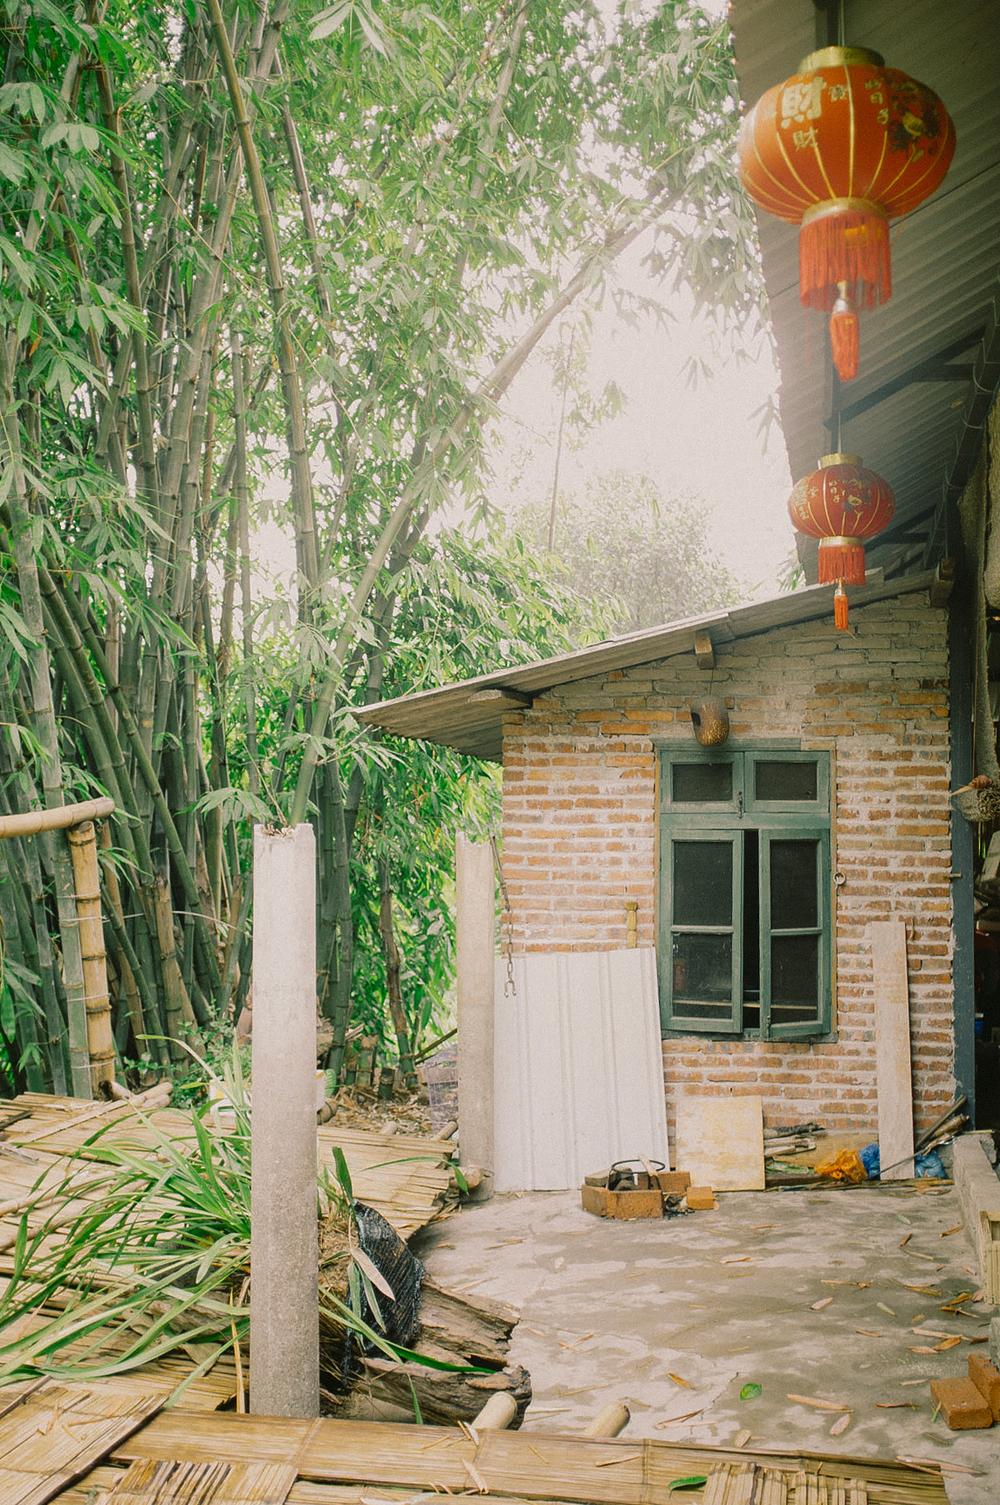 pottery_xishuanbanna-23.jpg